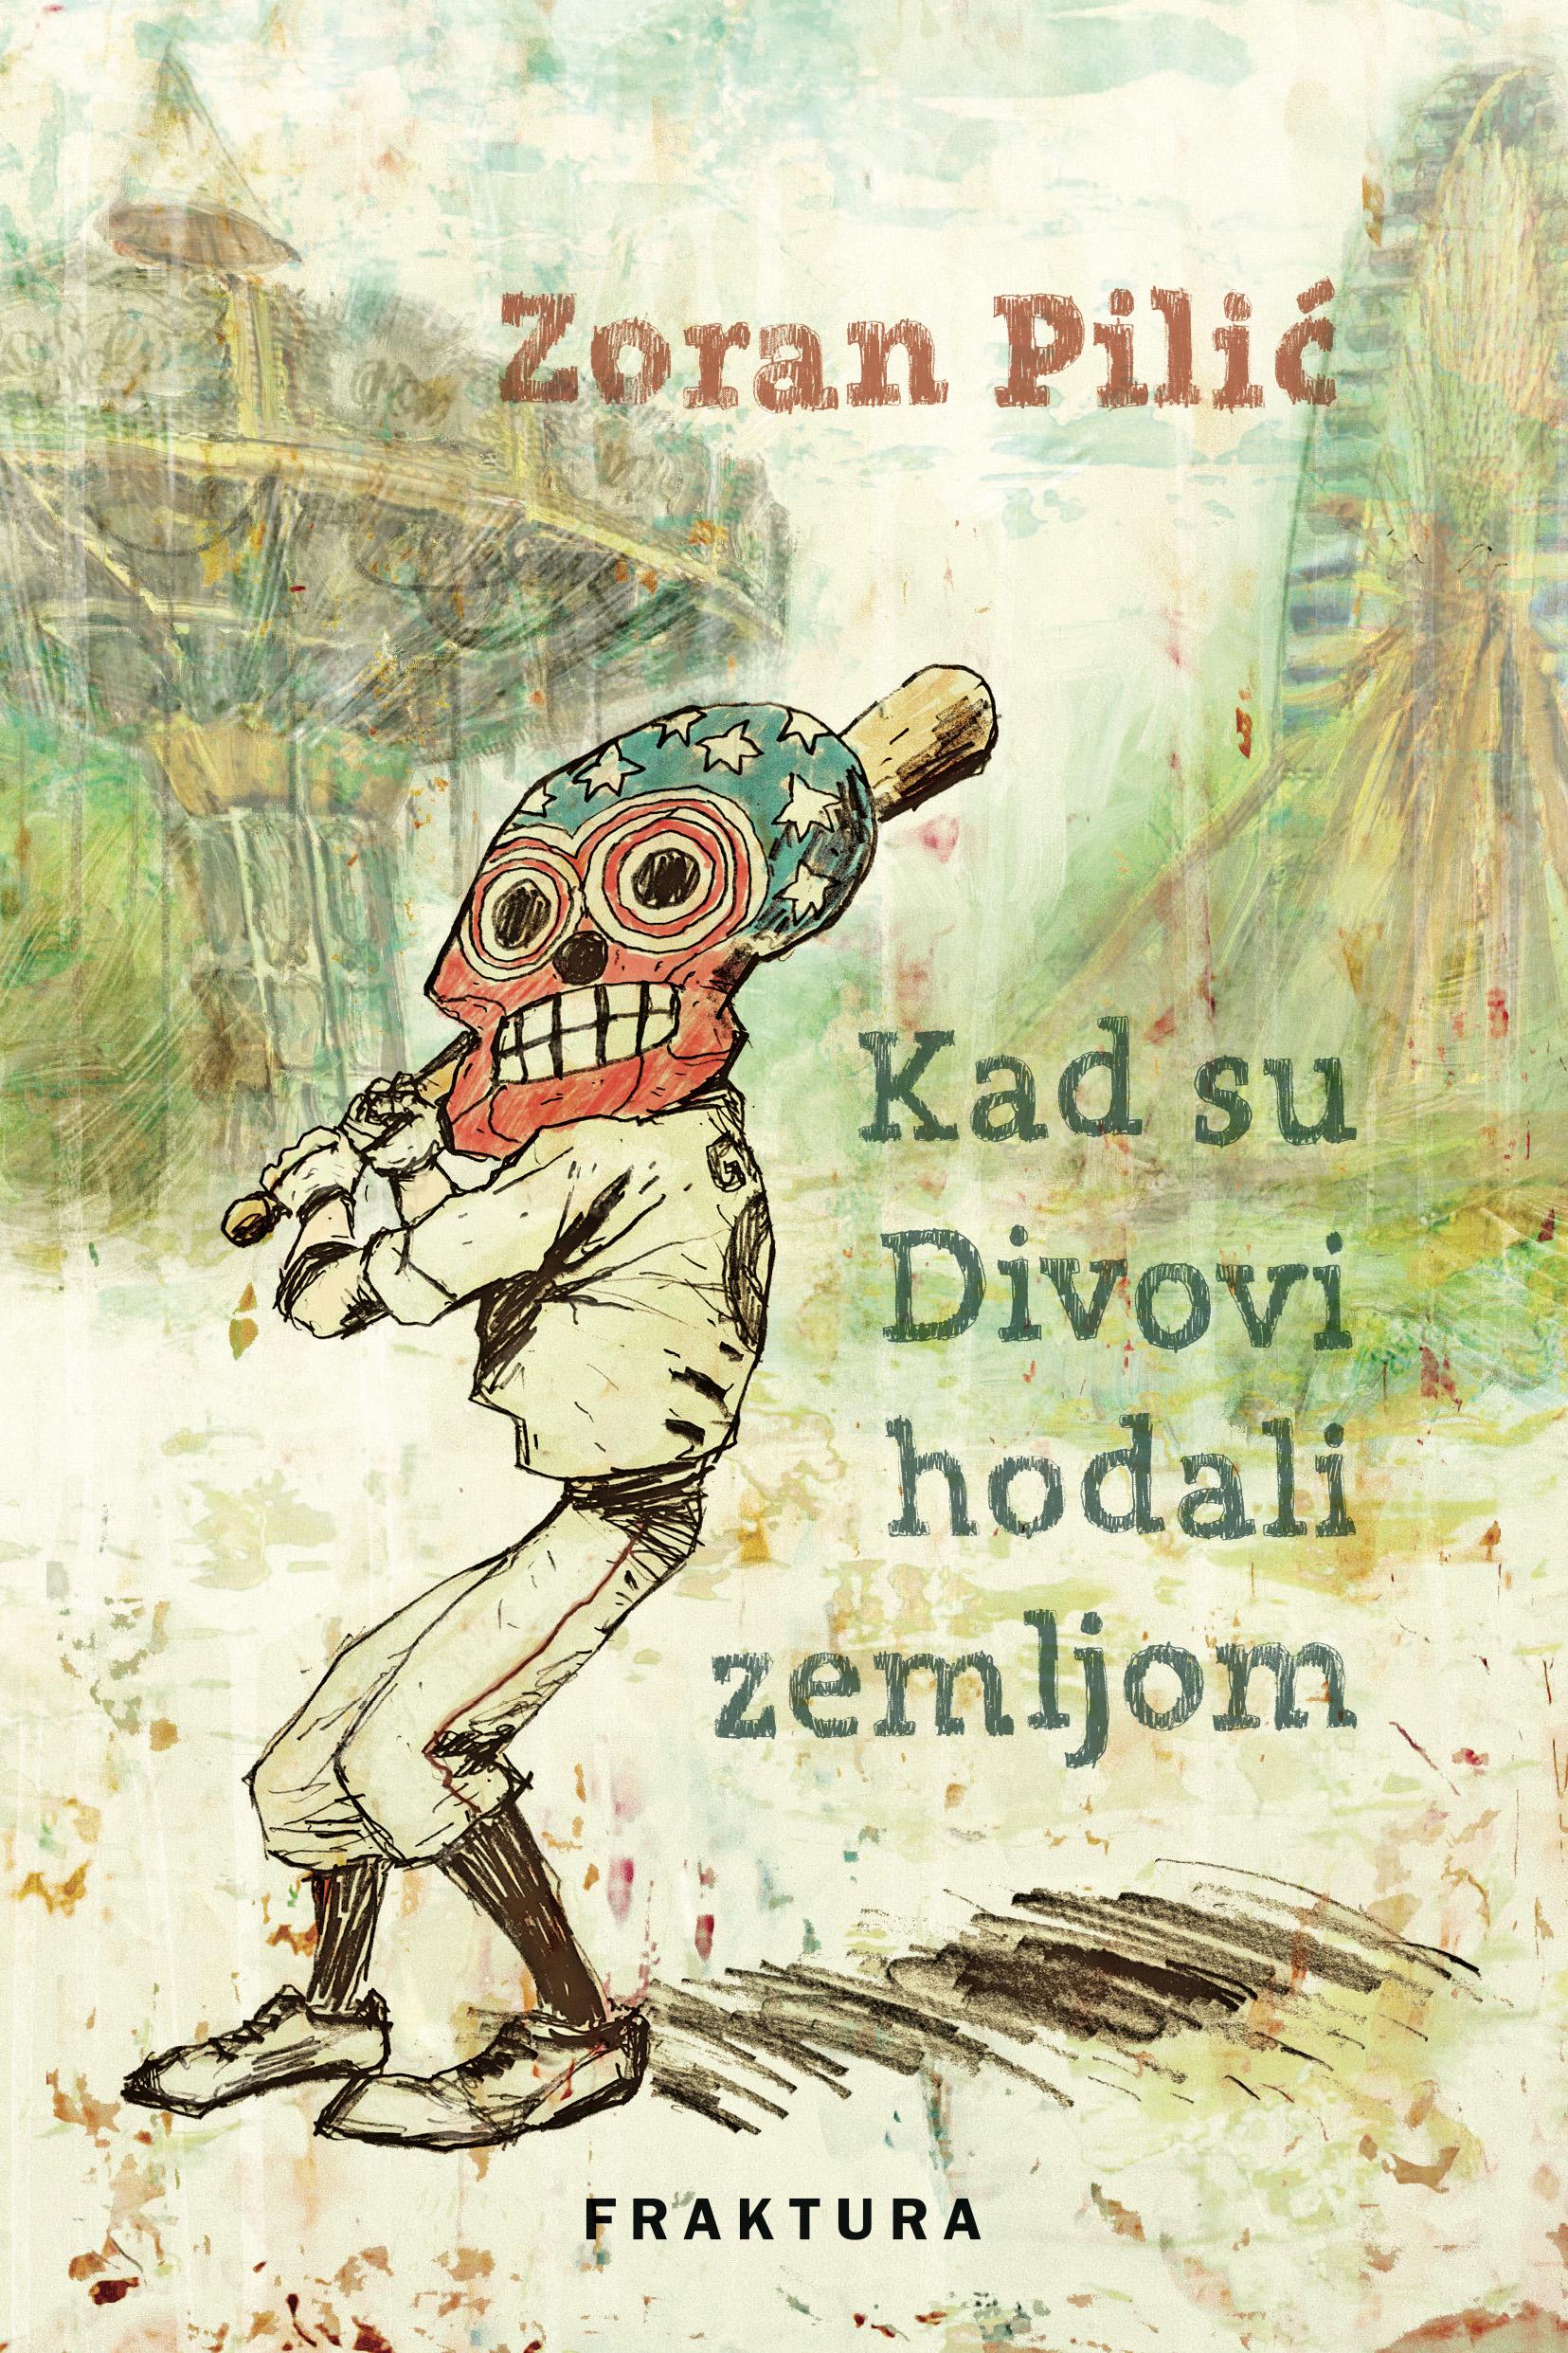 Predstavljanje knjige priča Zorana Pilića